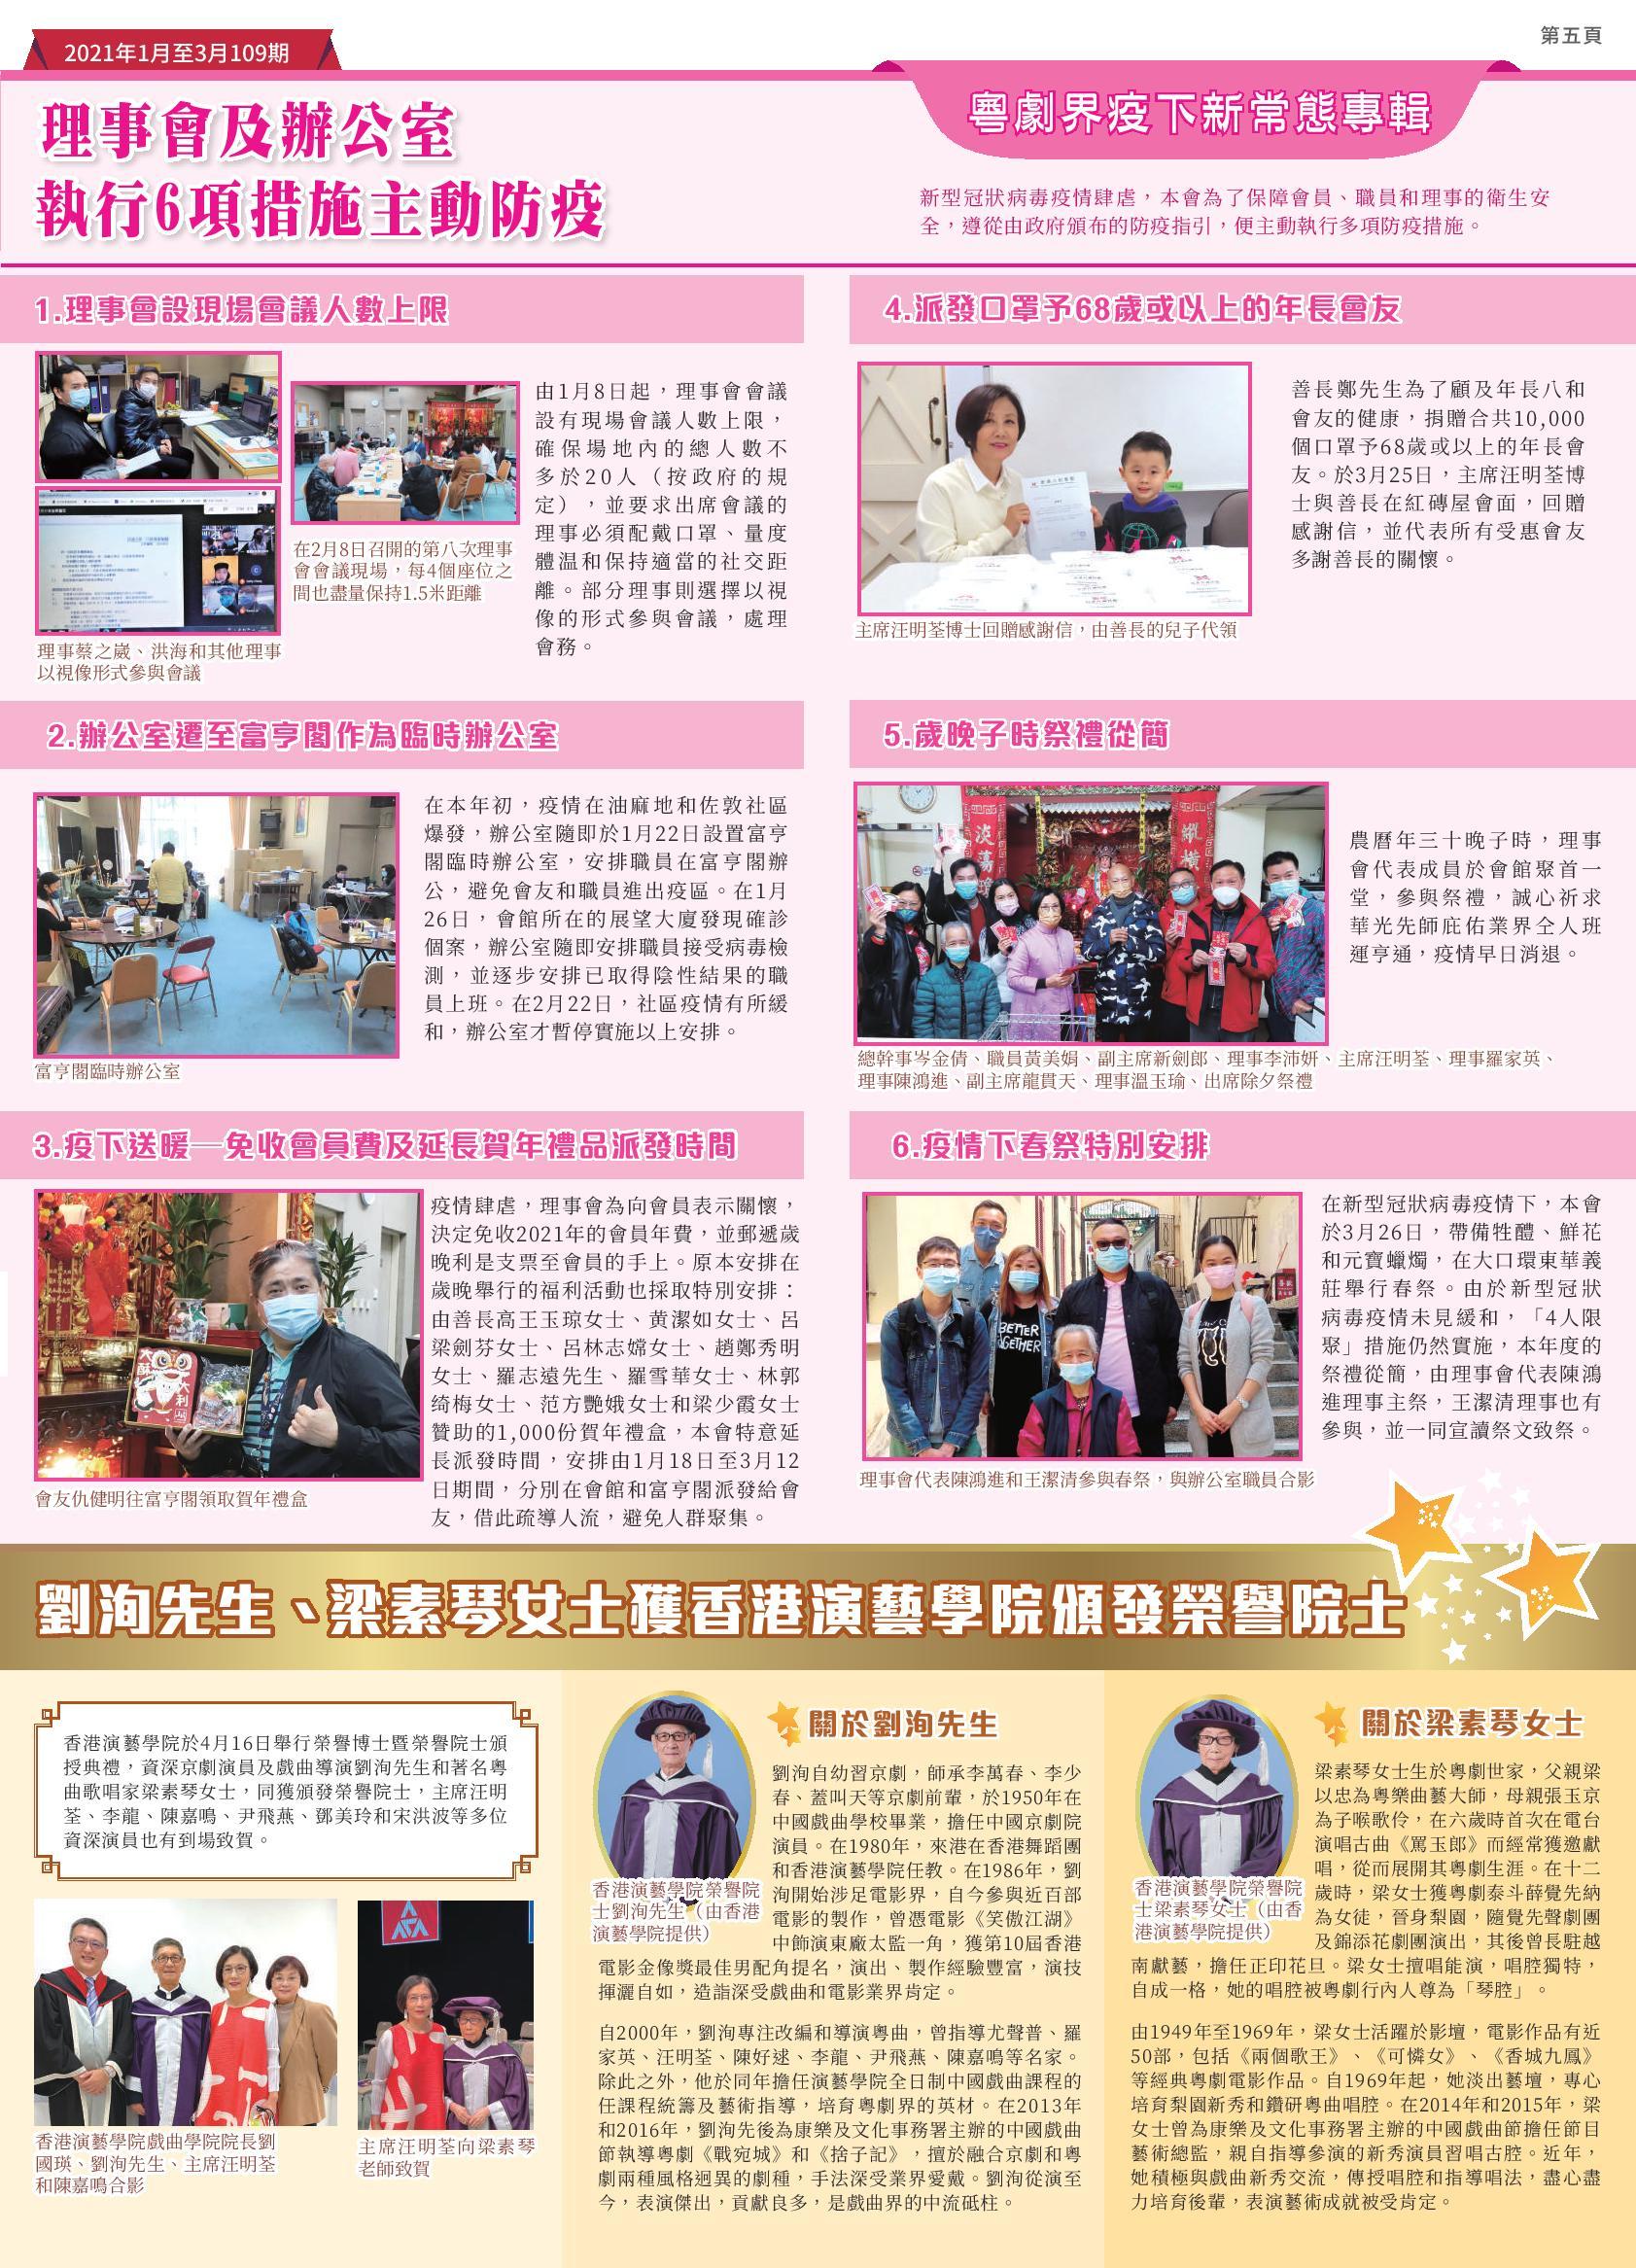 粵劇界疫下新常態專輯;劉洵先生、 梁素琴女士獲香港演藝學院頒發榮譽院士